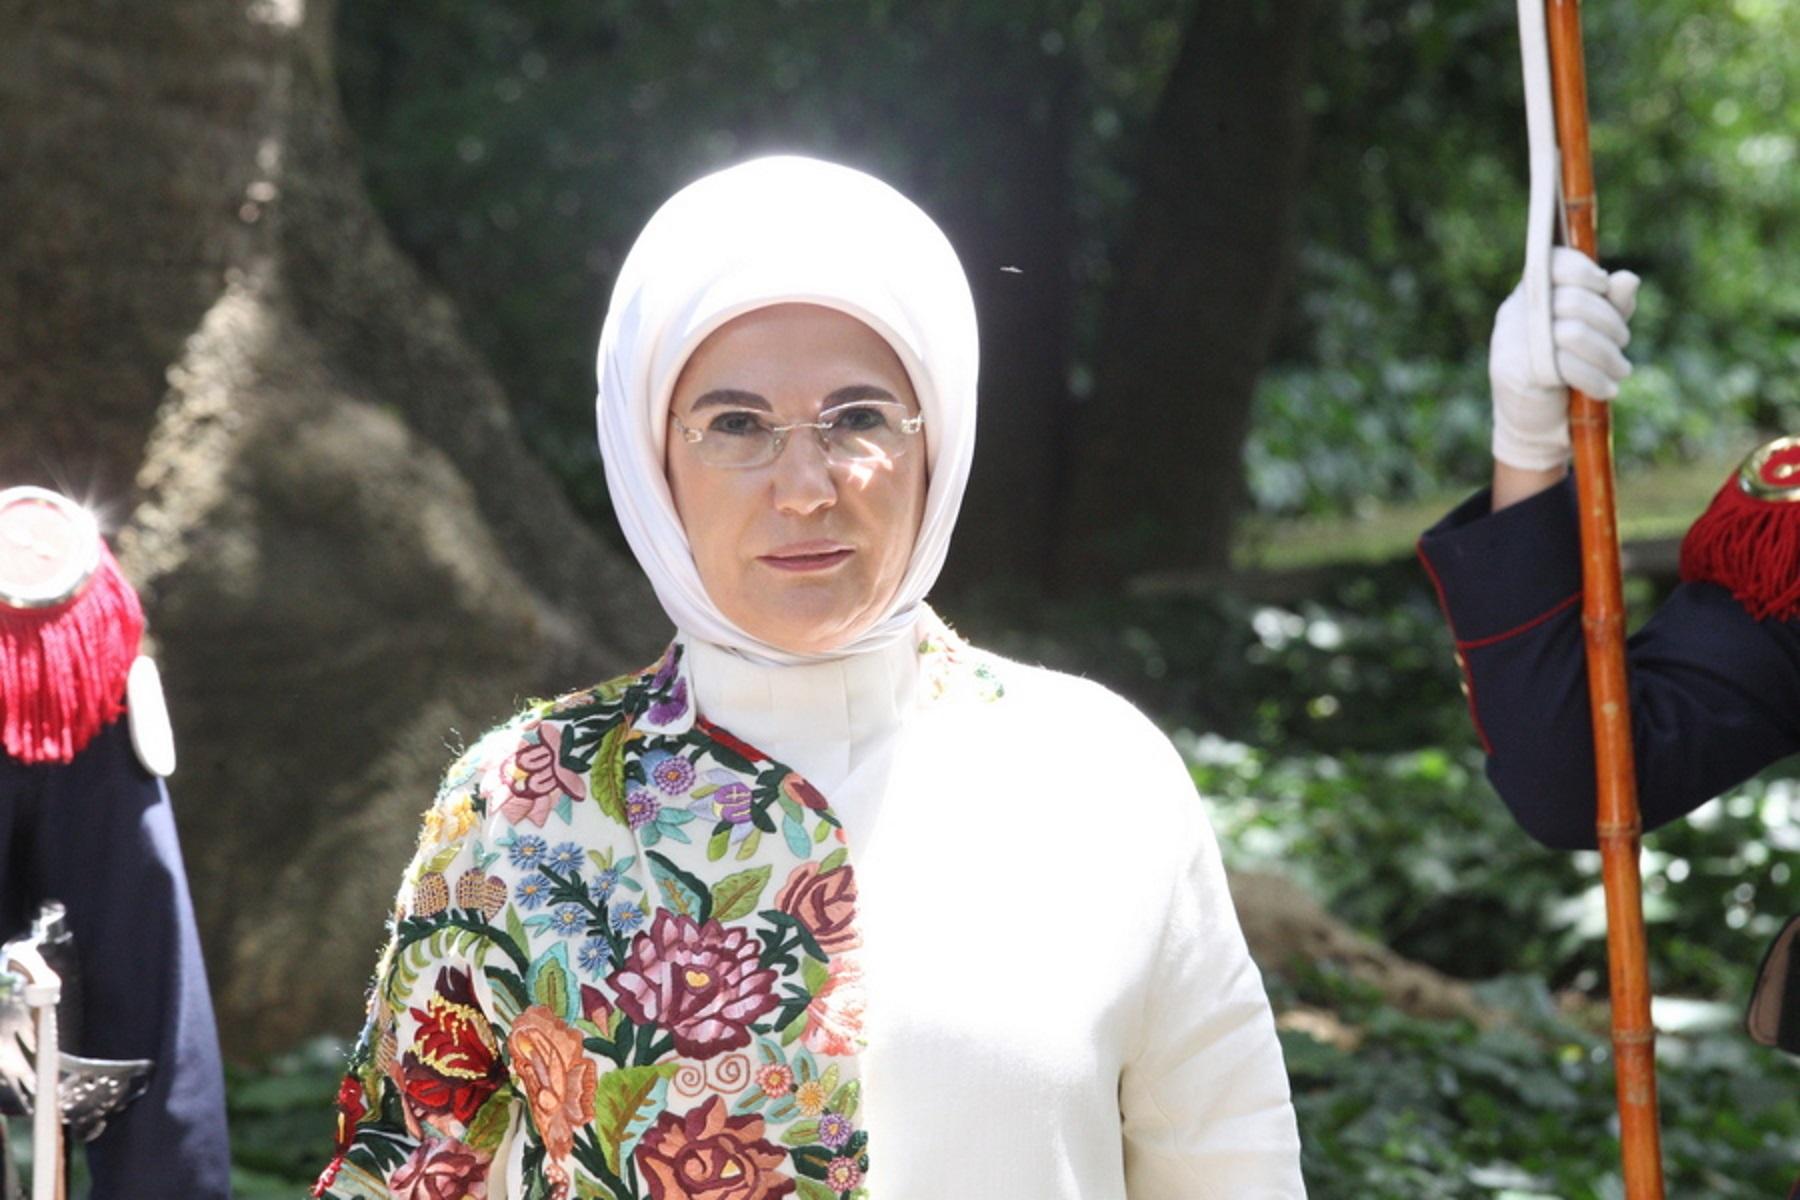 Θρασύτατη δήλωση της Εμινέ Ερντογάν: Μειώστε τις μερίδες του φαγητού σας